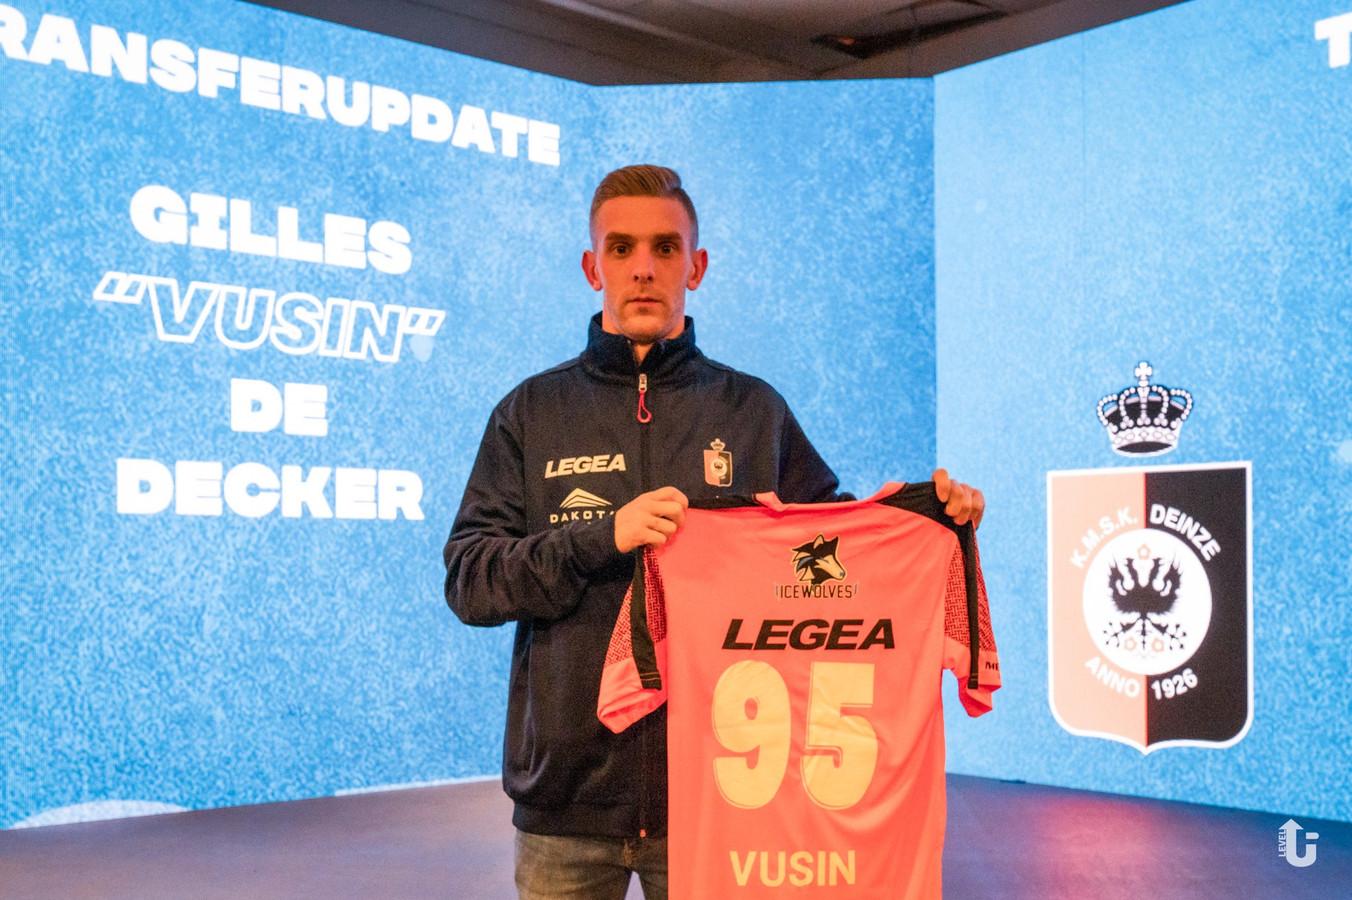 Gilles De Decker is de esporter van KMSK Deinze.